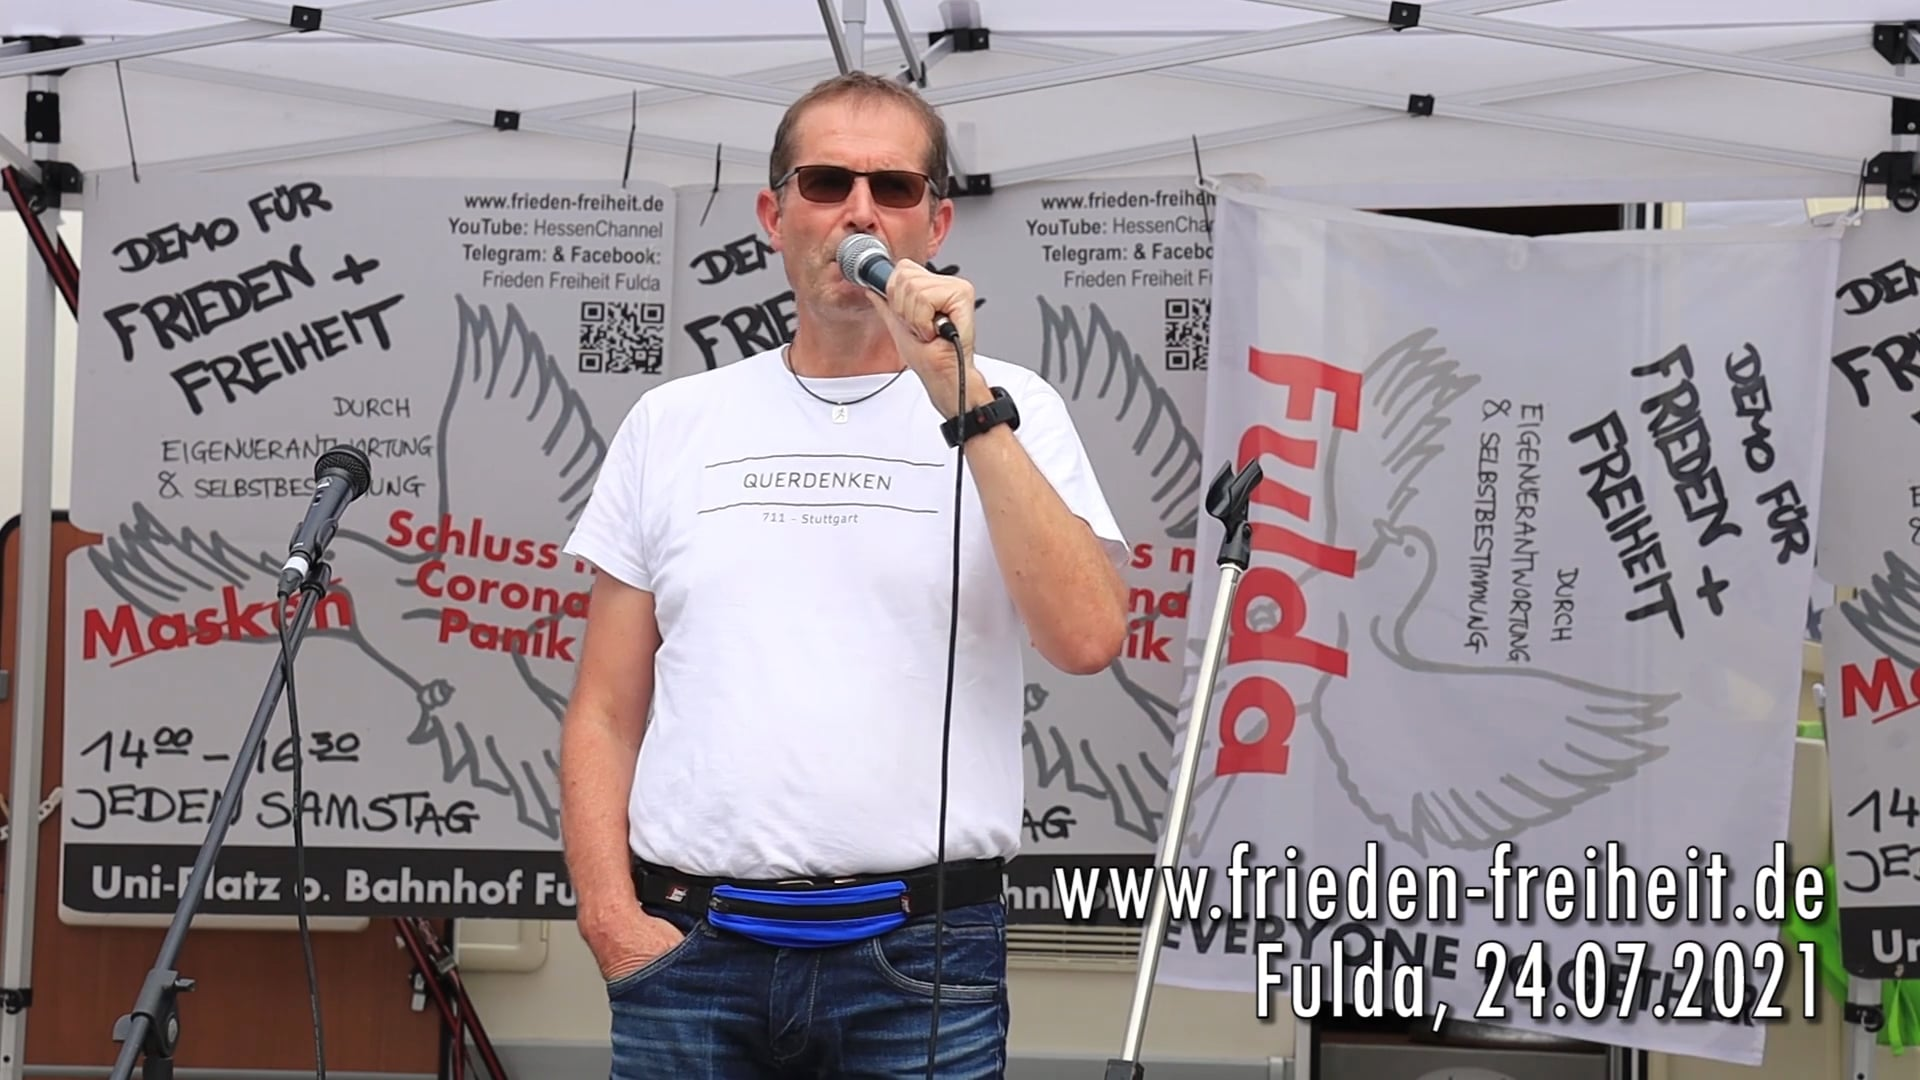 Wolfgang Greulich: Demo Frieden und Freiheit Fulda 24.07.21